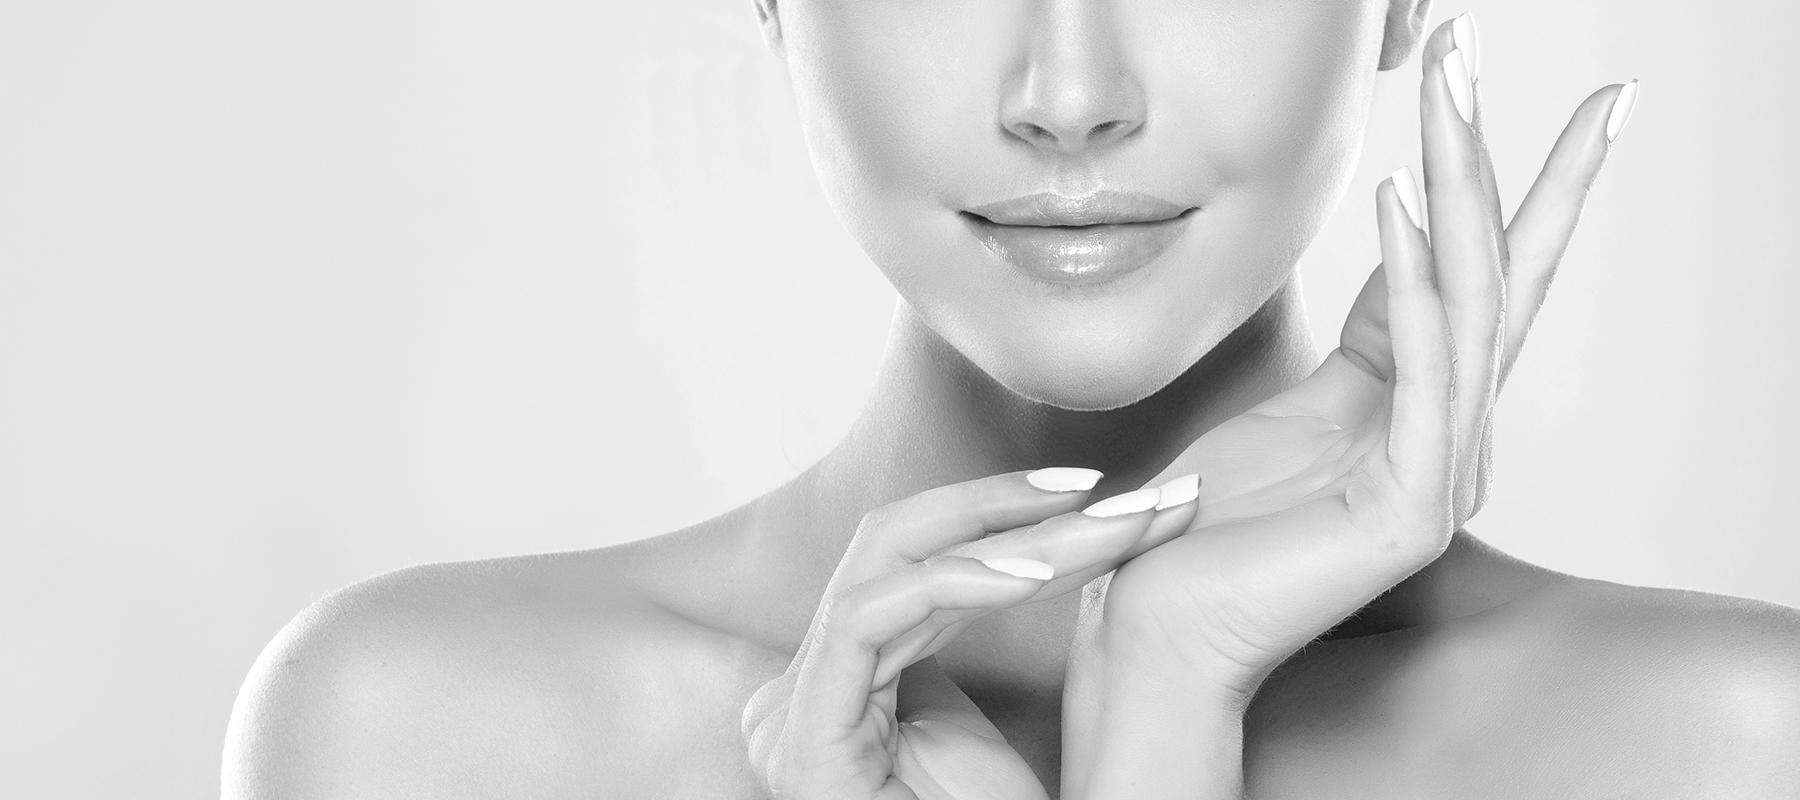 Bundles naked gem skincare